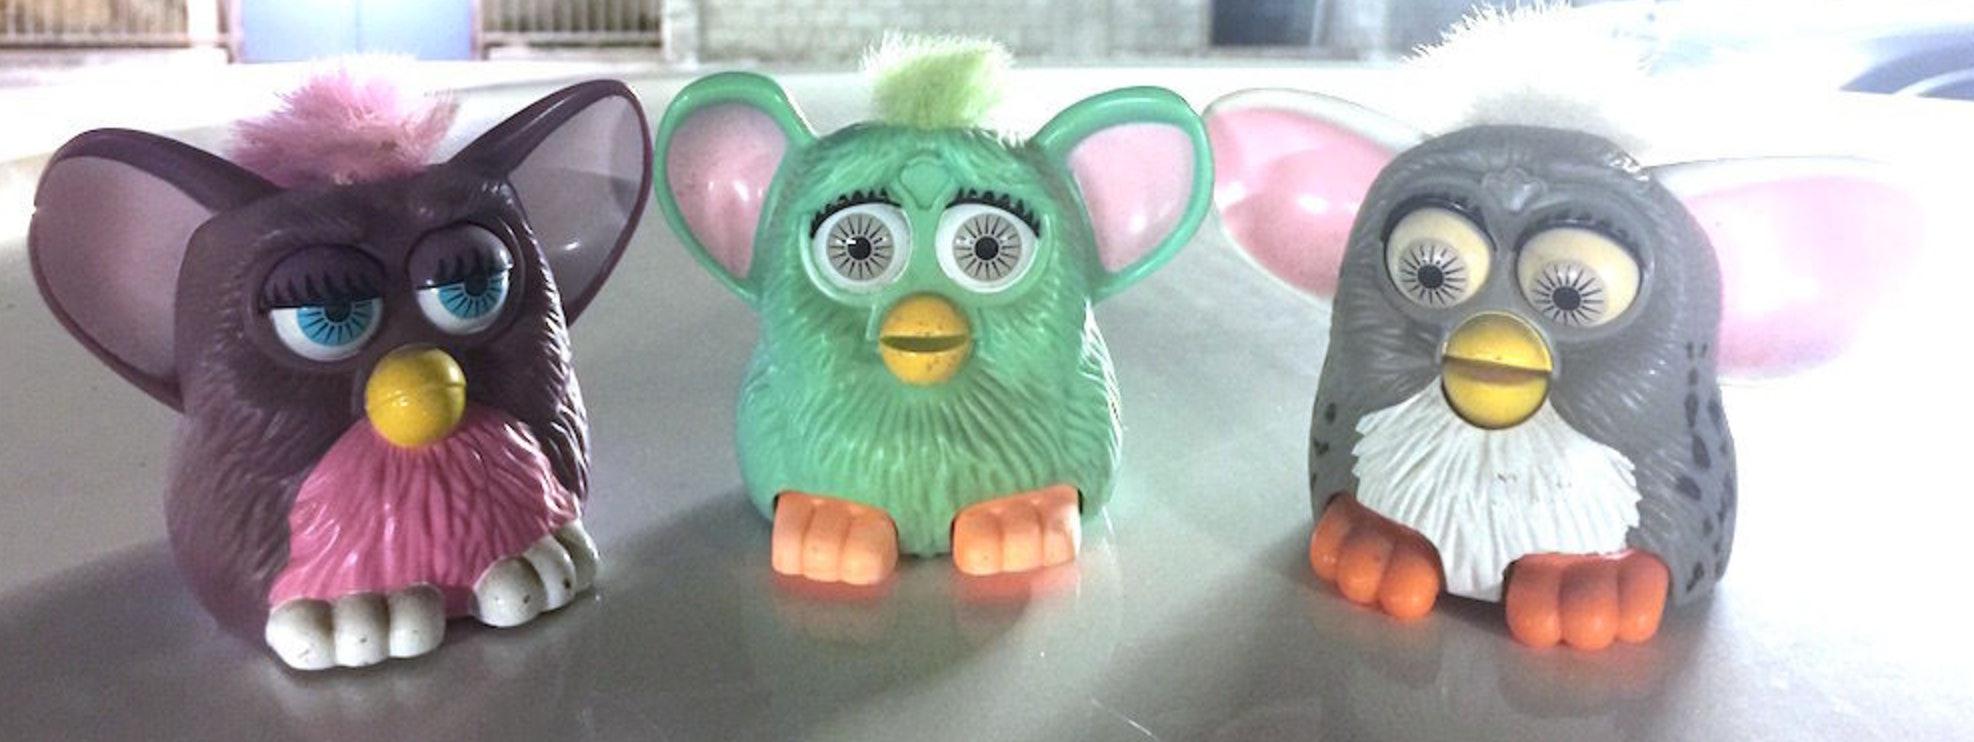 Animal Jam Mcdonalds Toys Uk